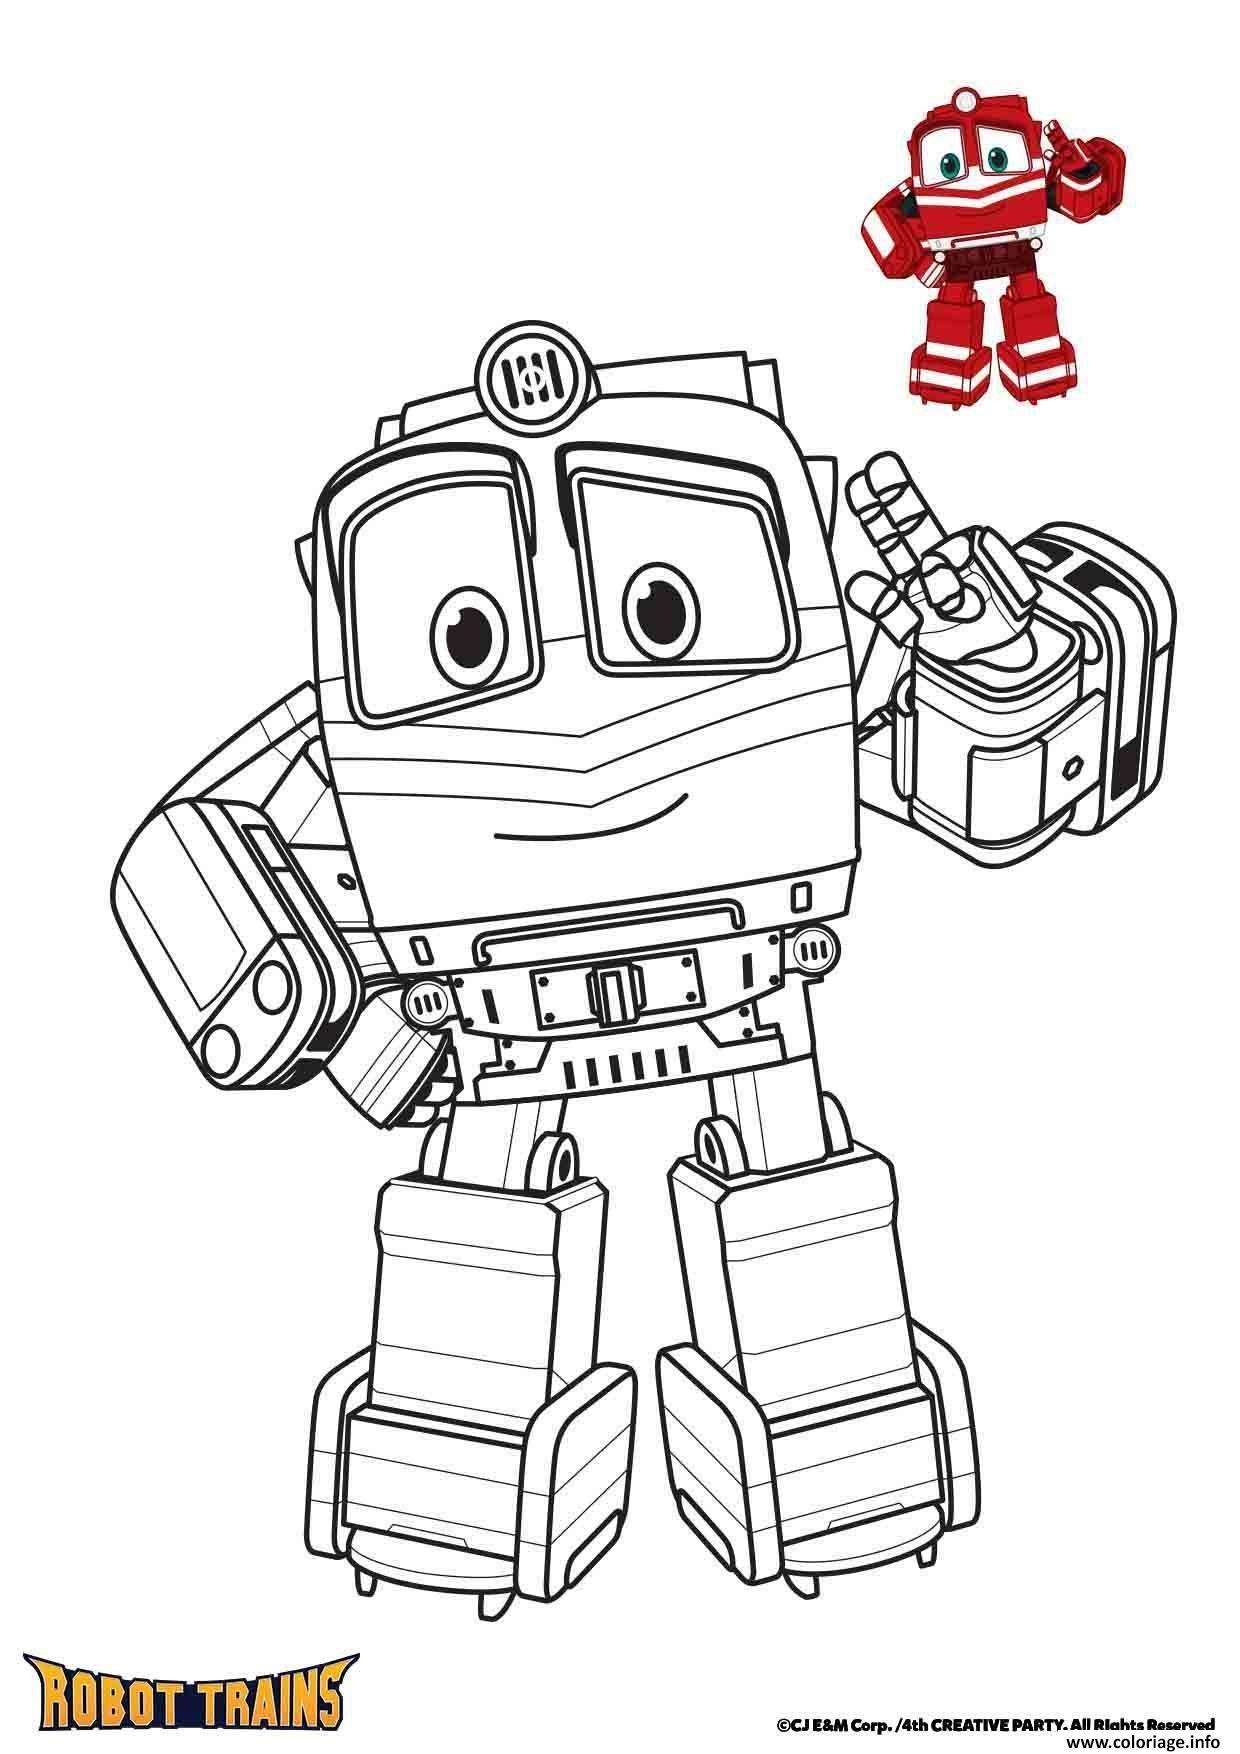 Coloriage Alf Robot Trains - JeColorie.com